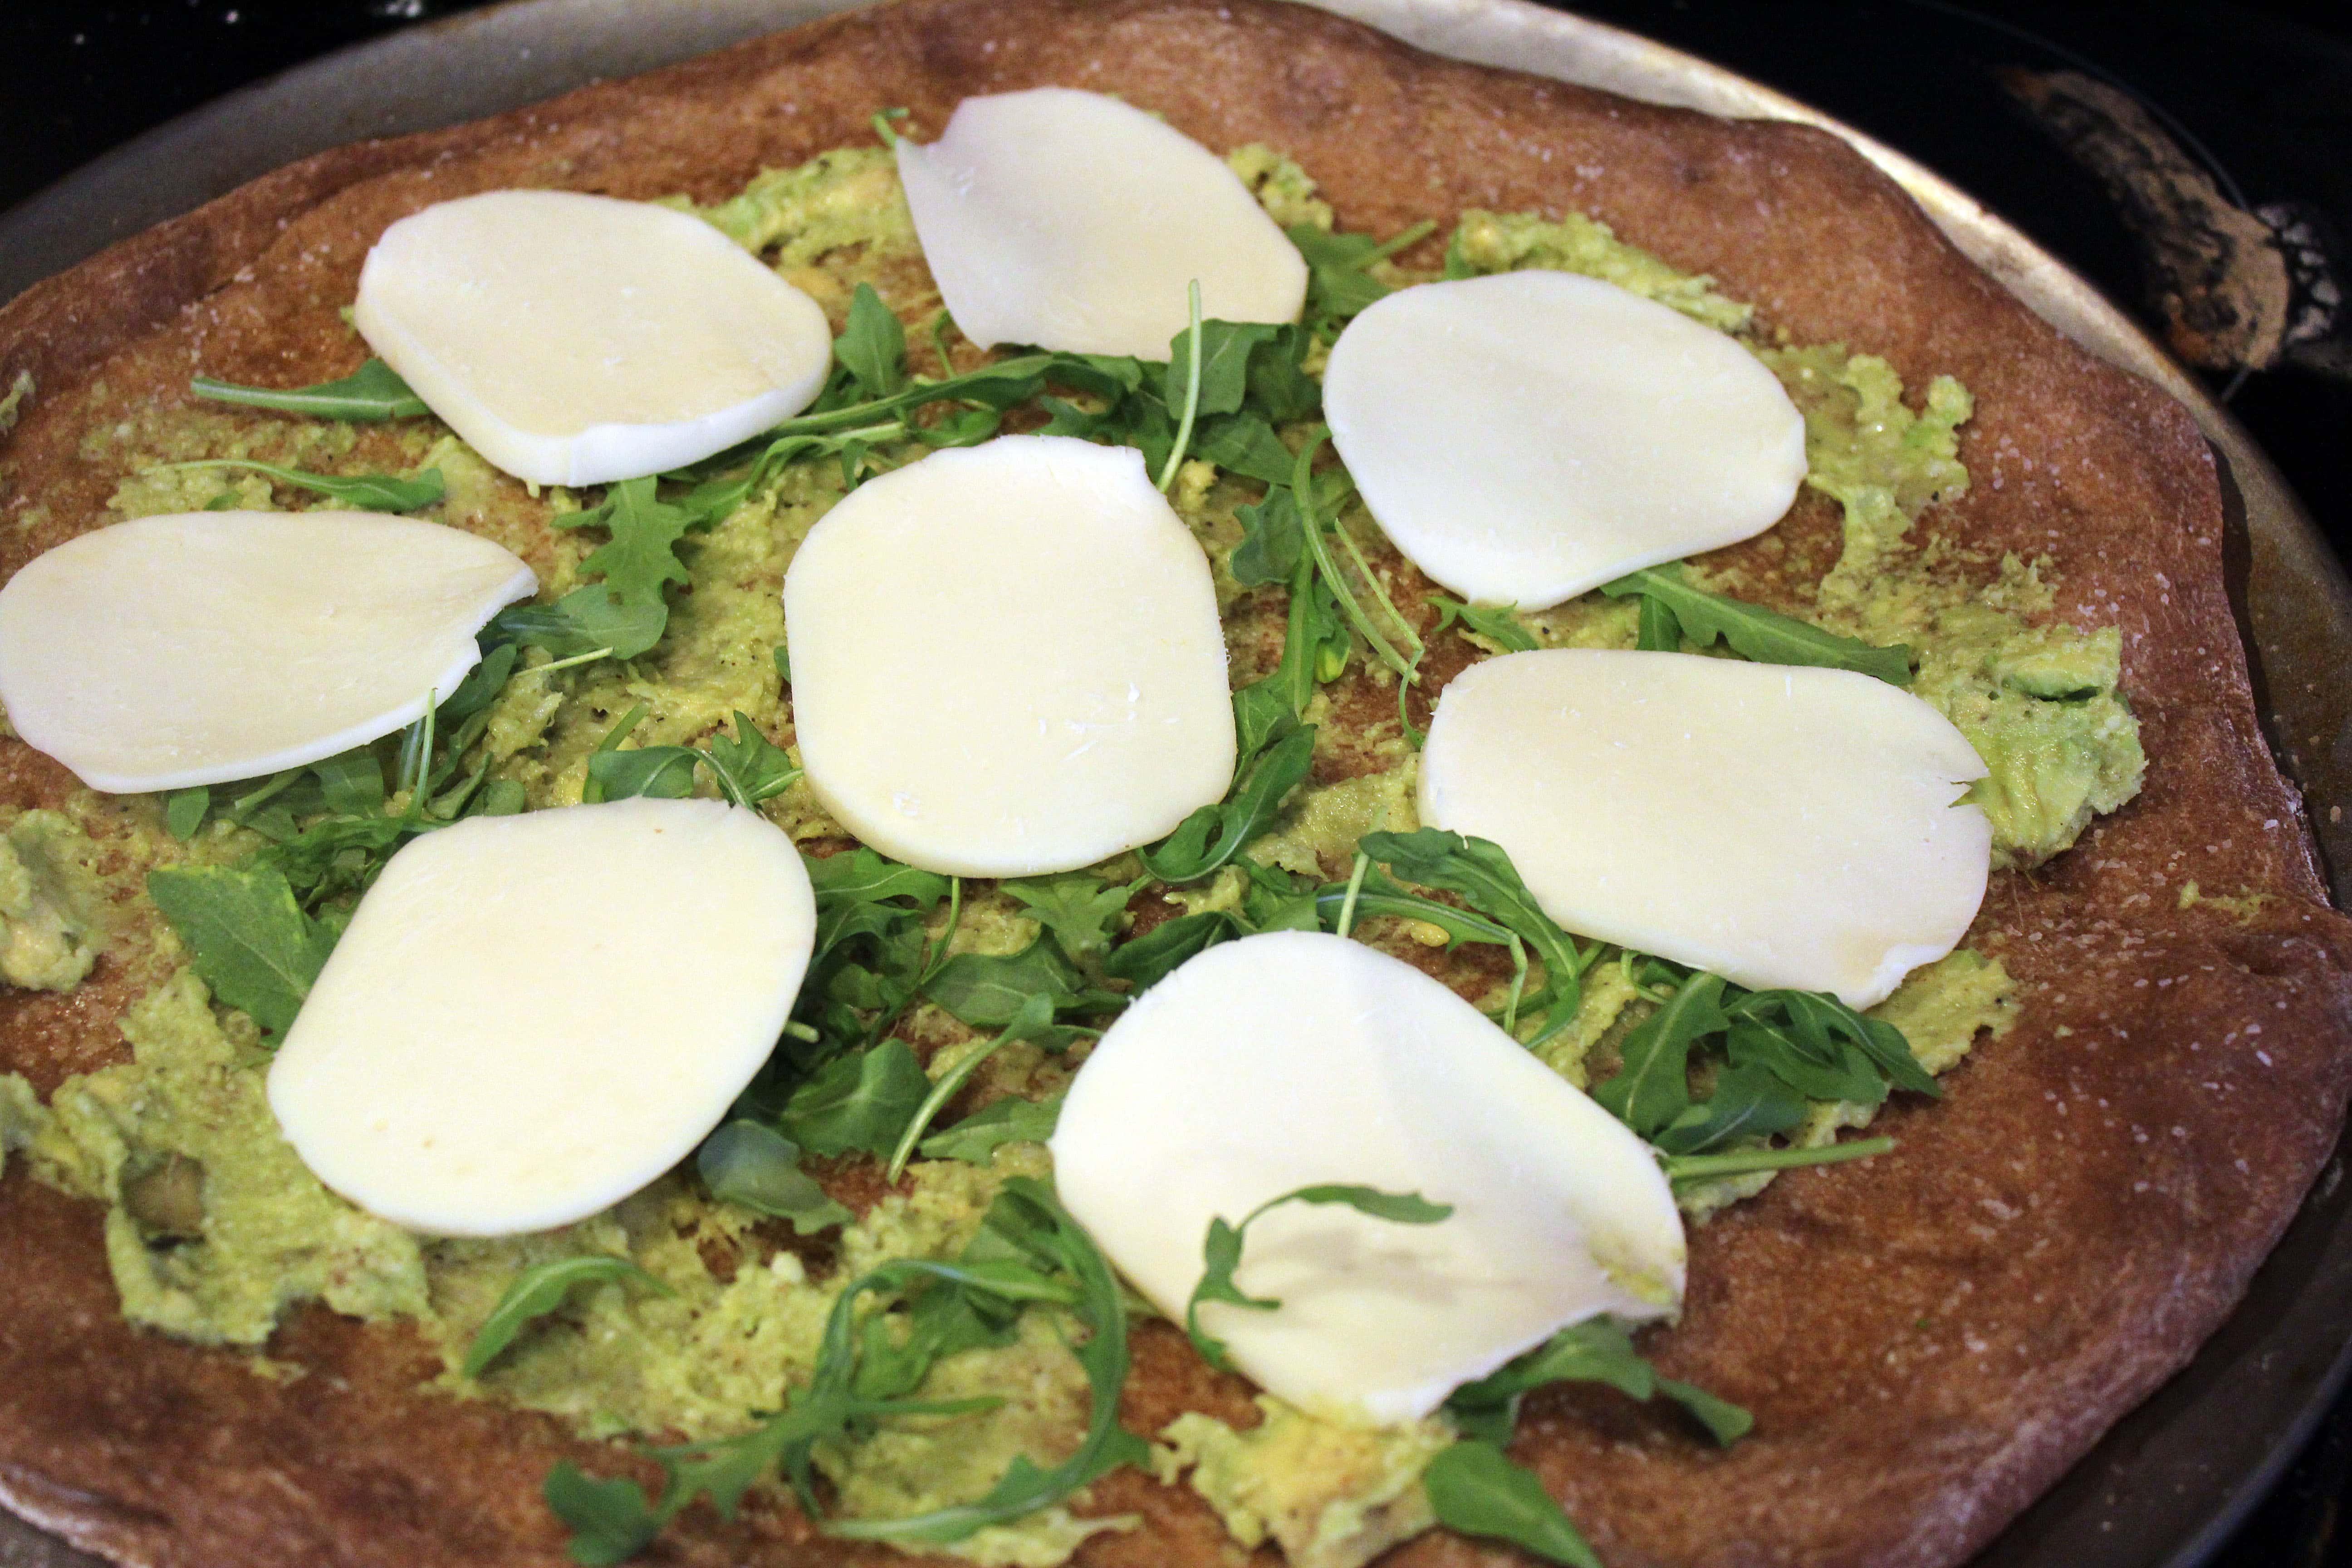 Add mozzarella to arugula and spread